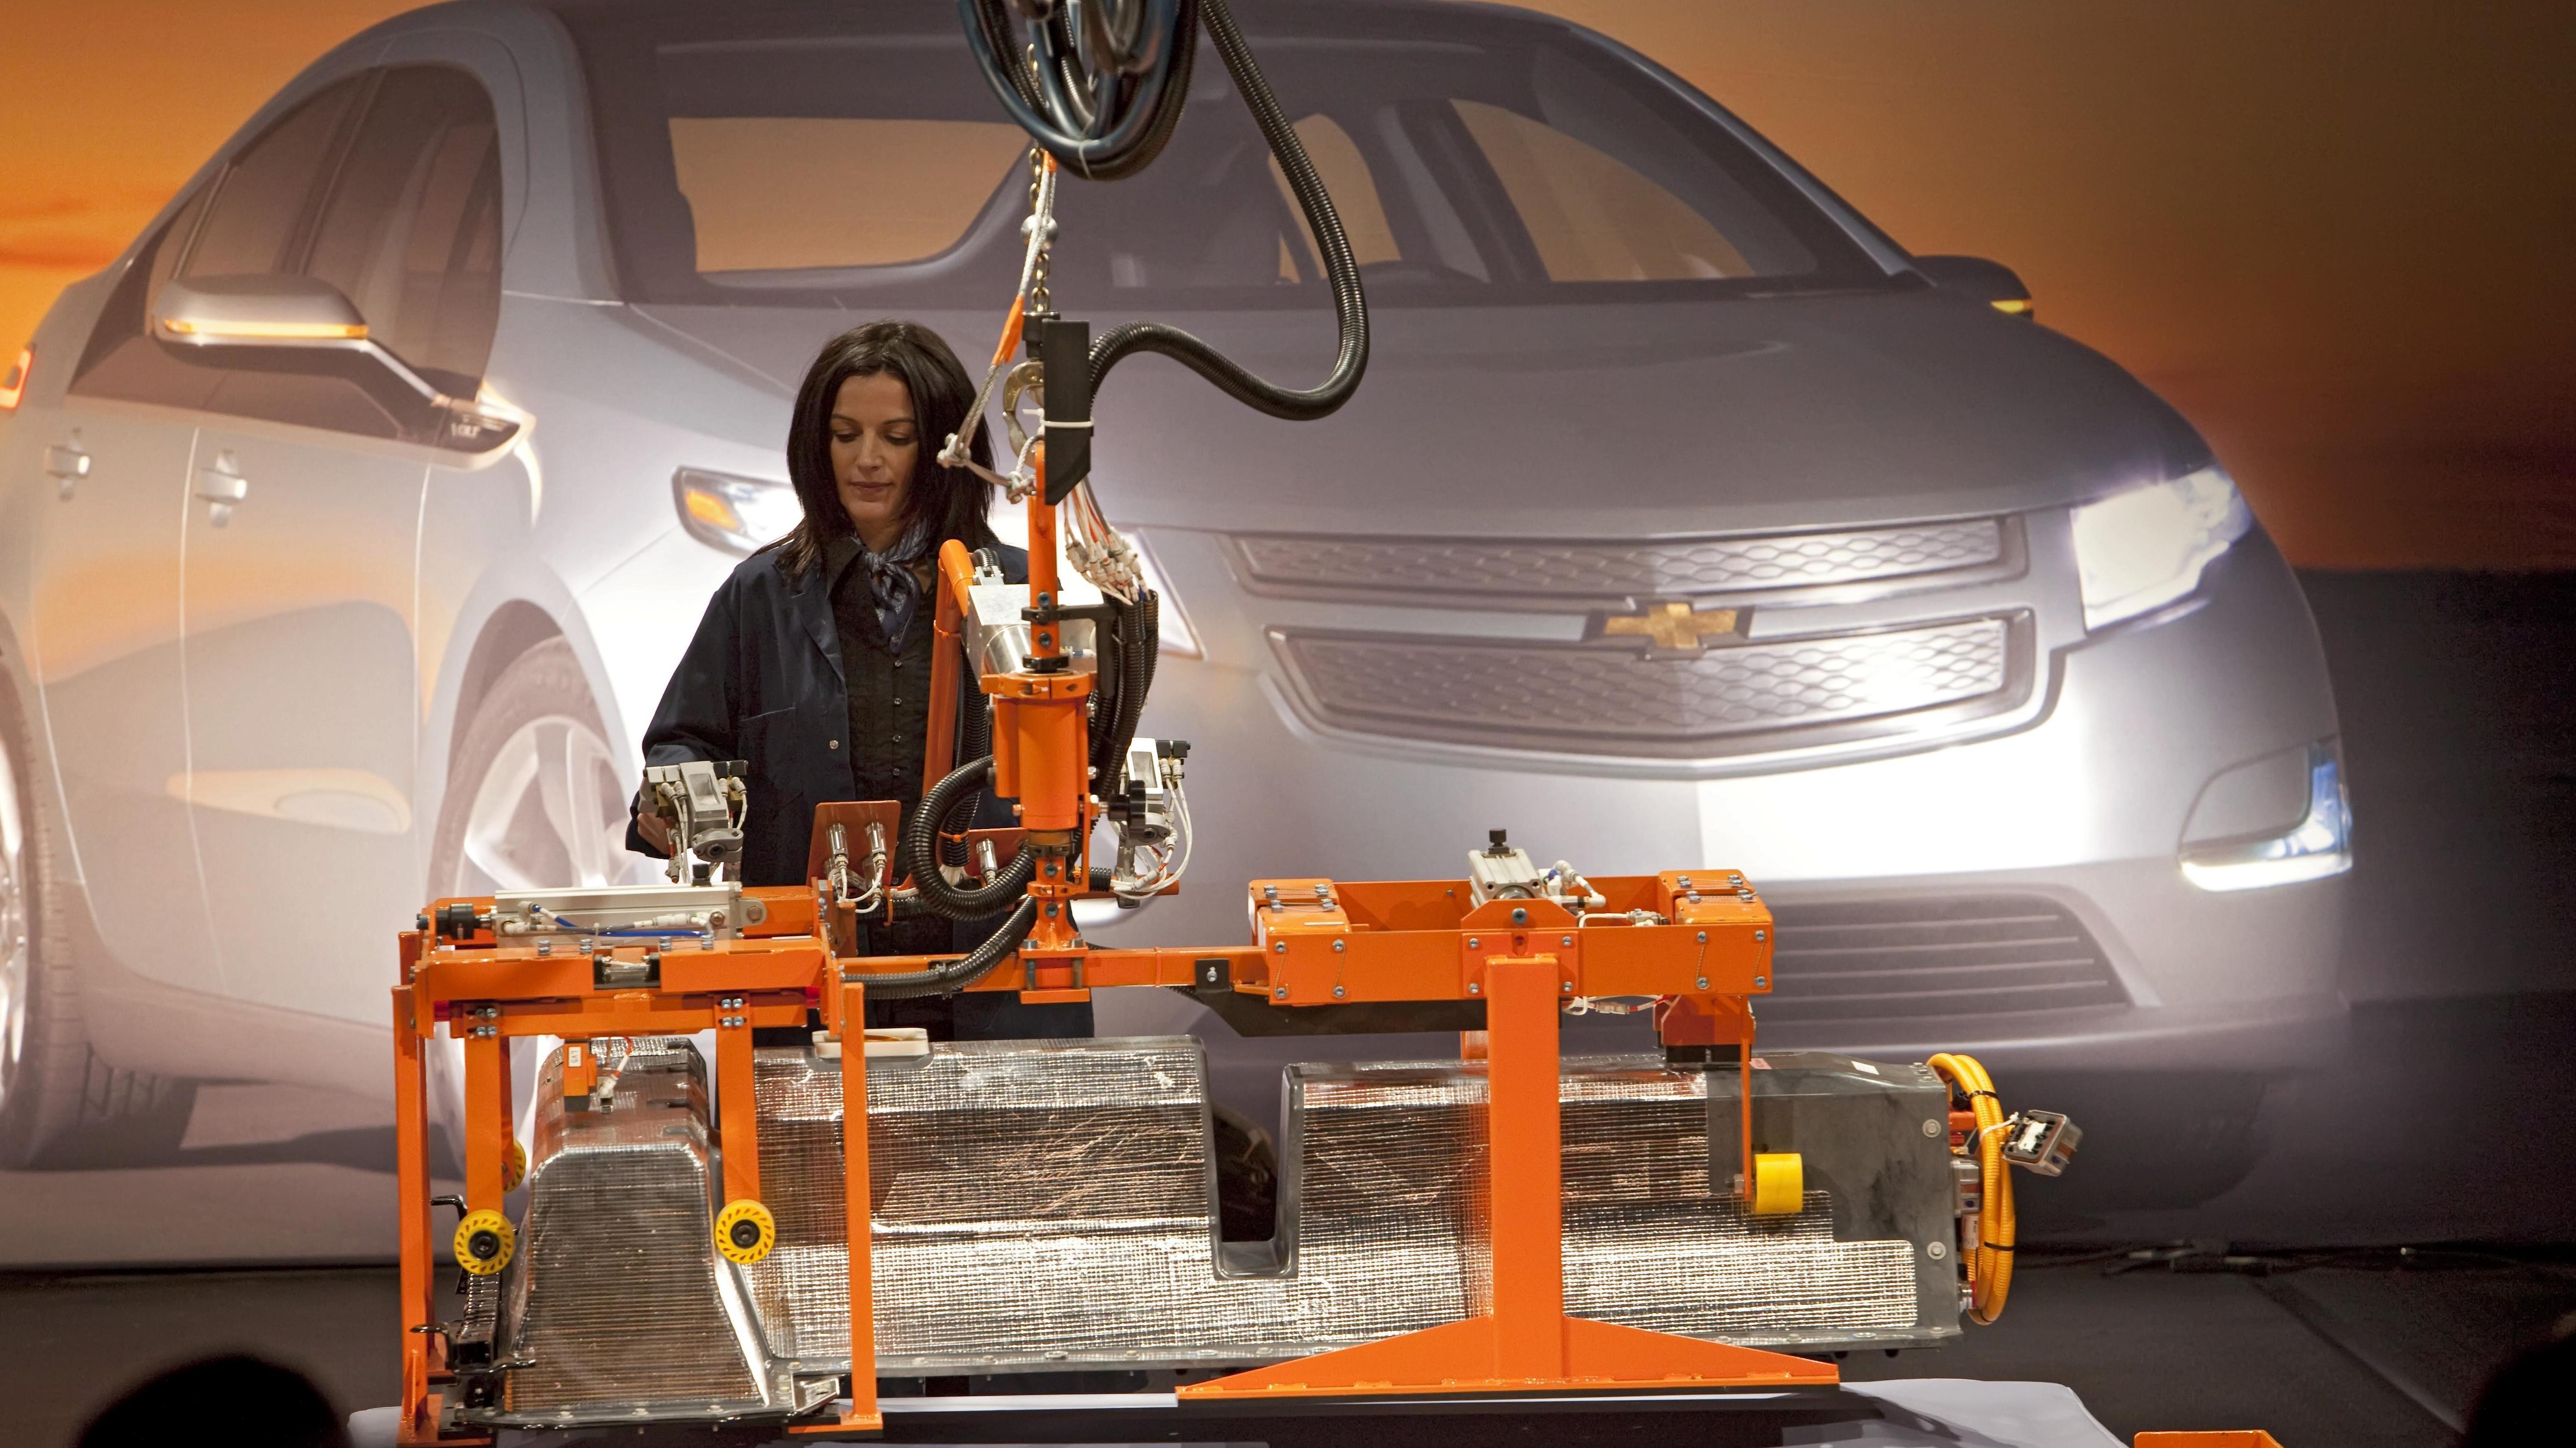 Produktion von Elektroautos